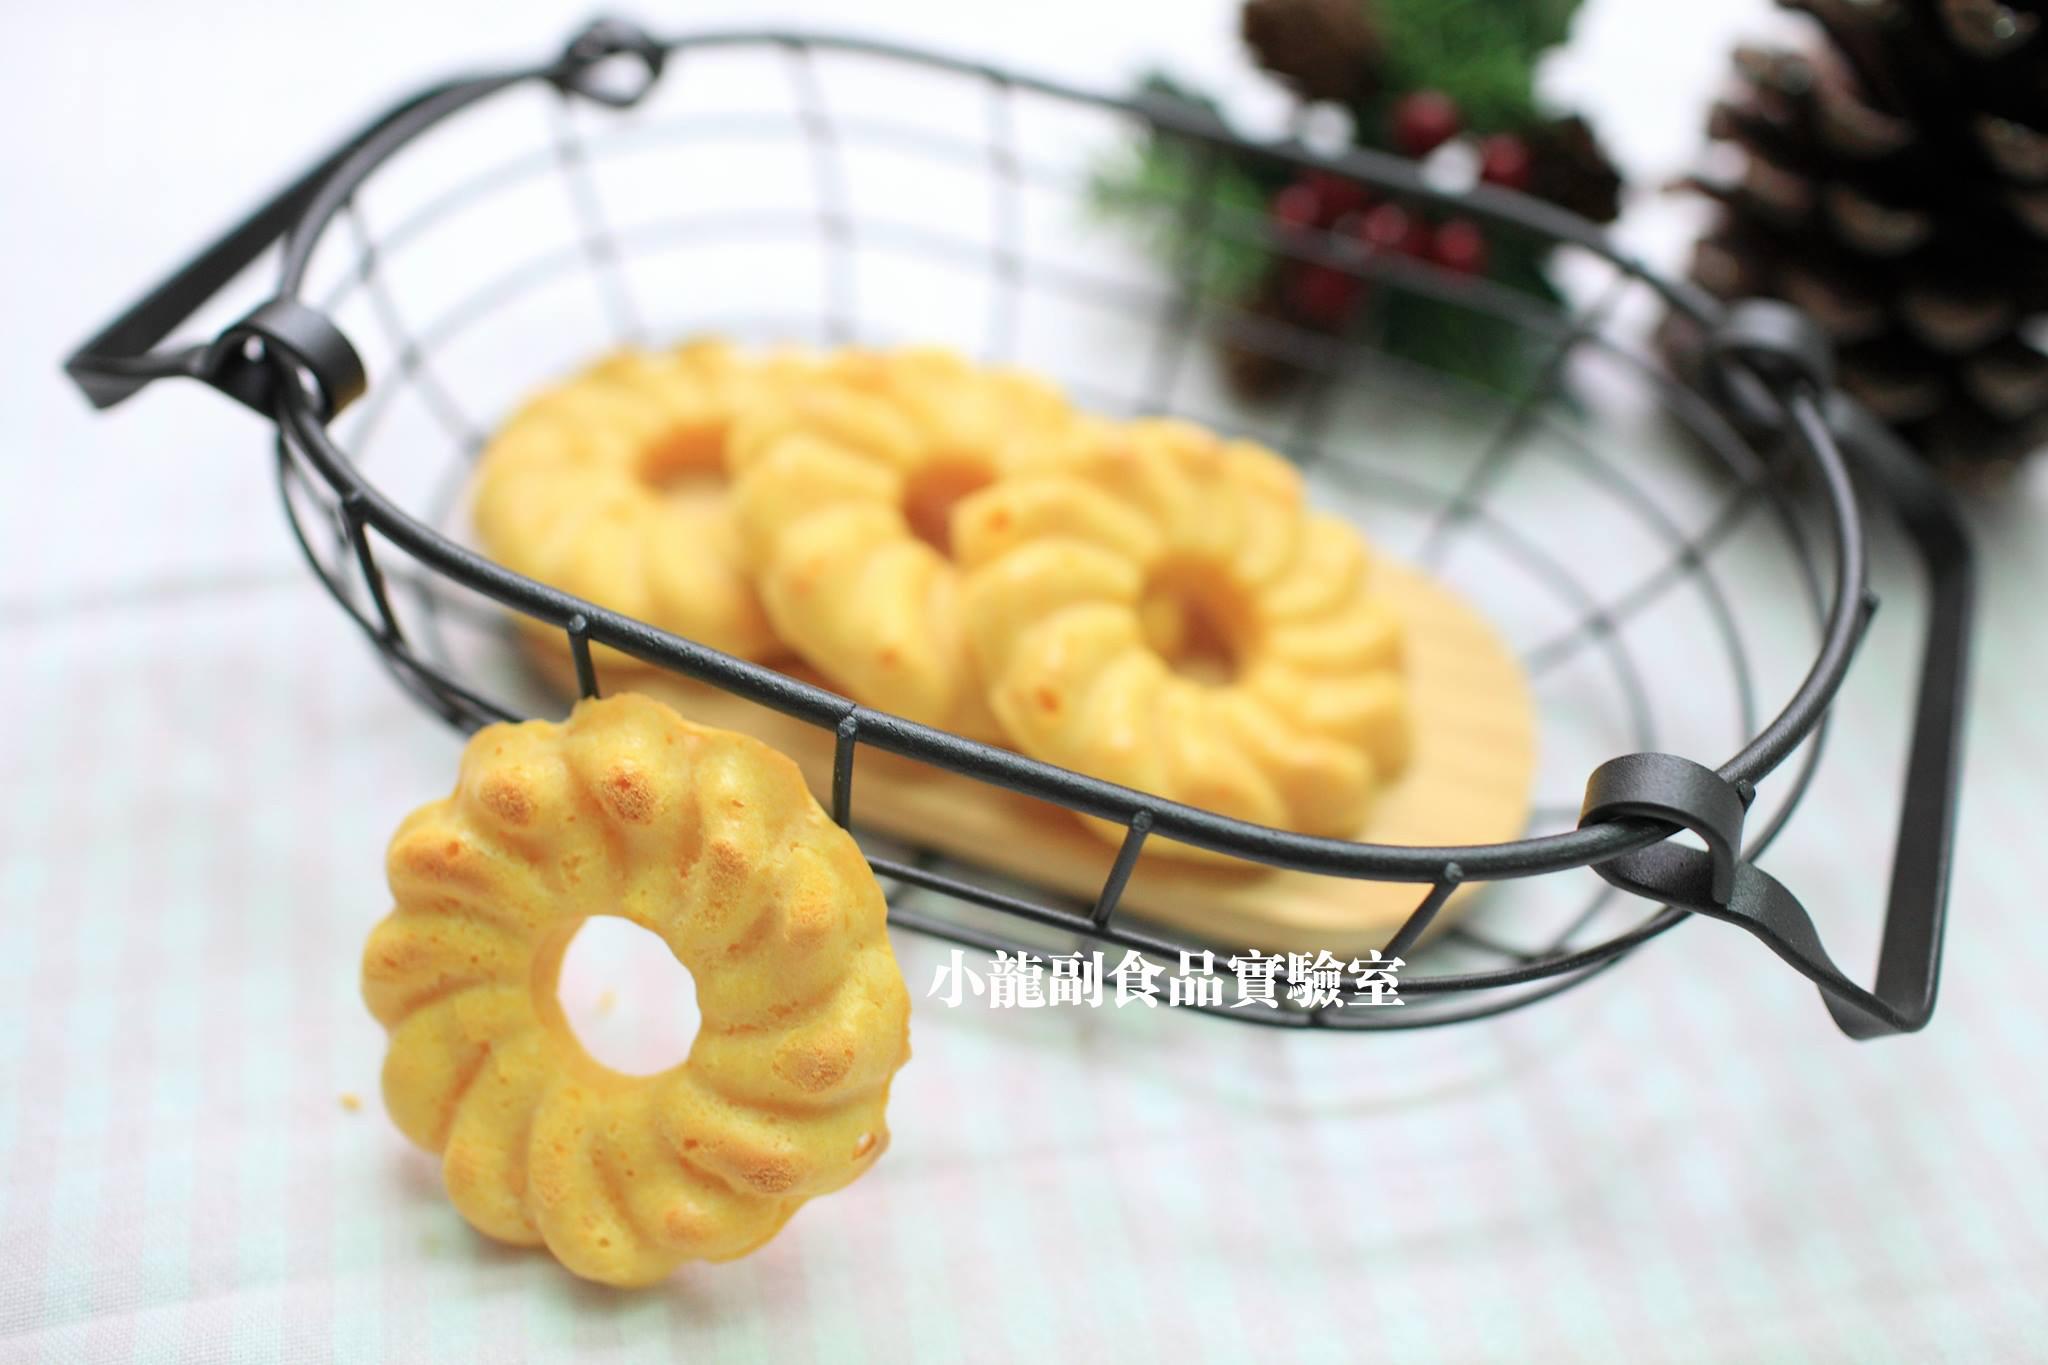 寶寶食譜【南瓜甜甜圈】